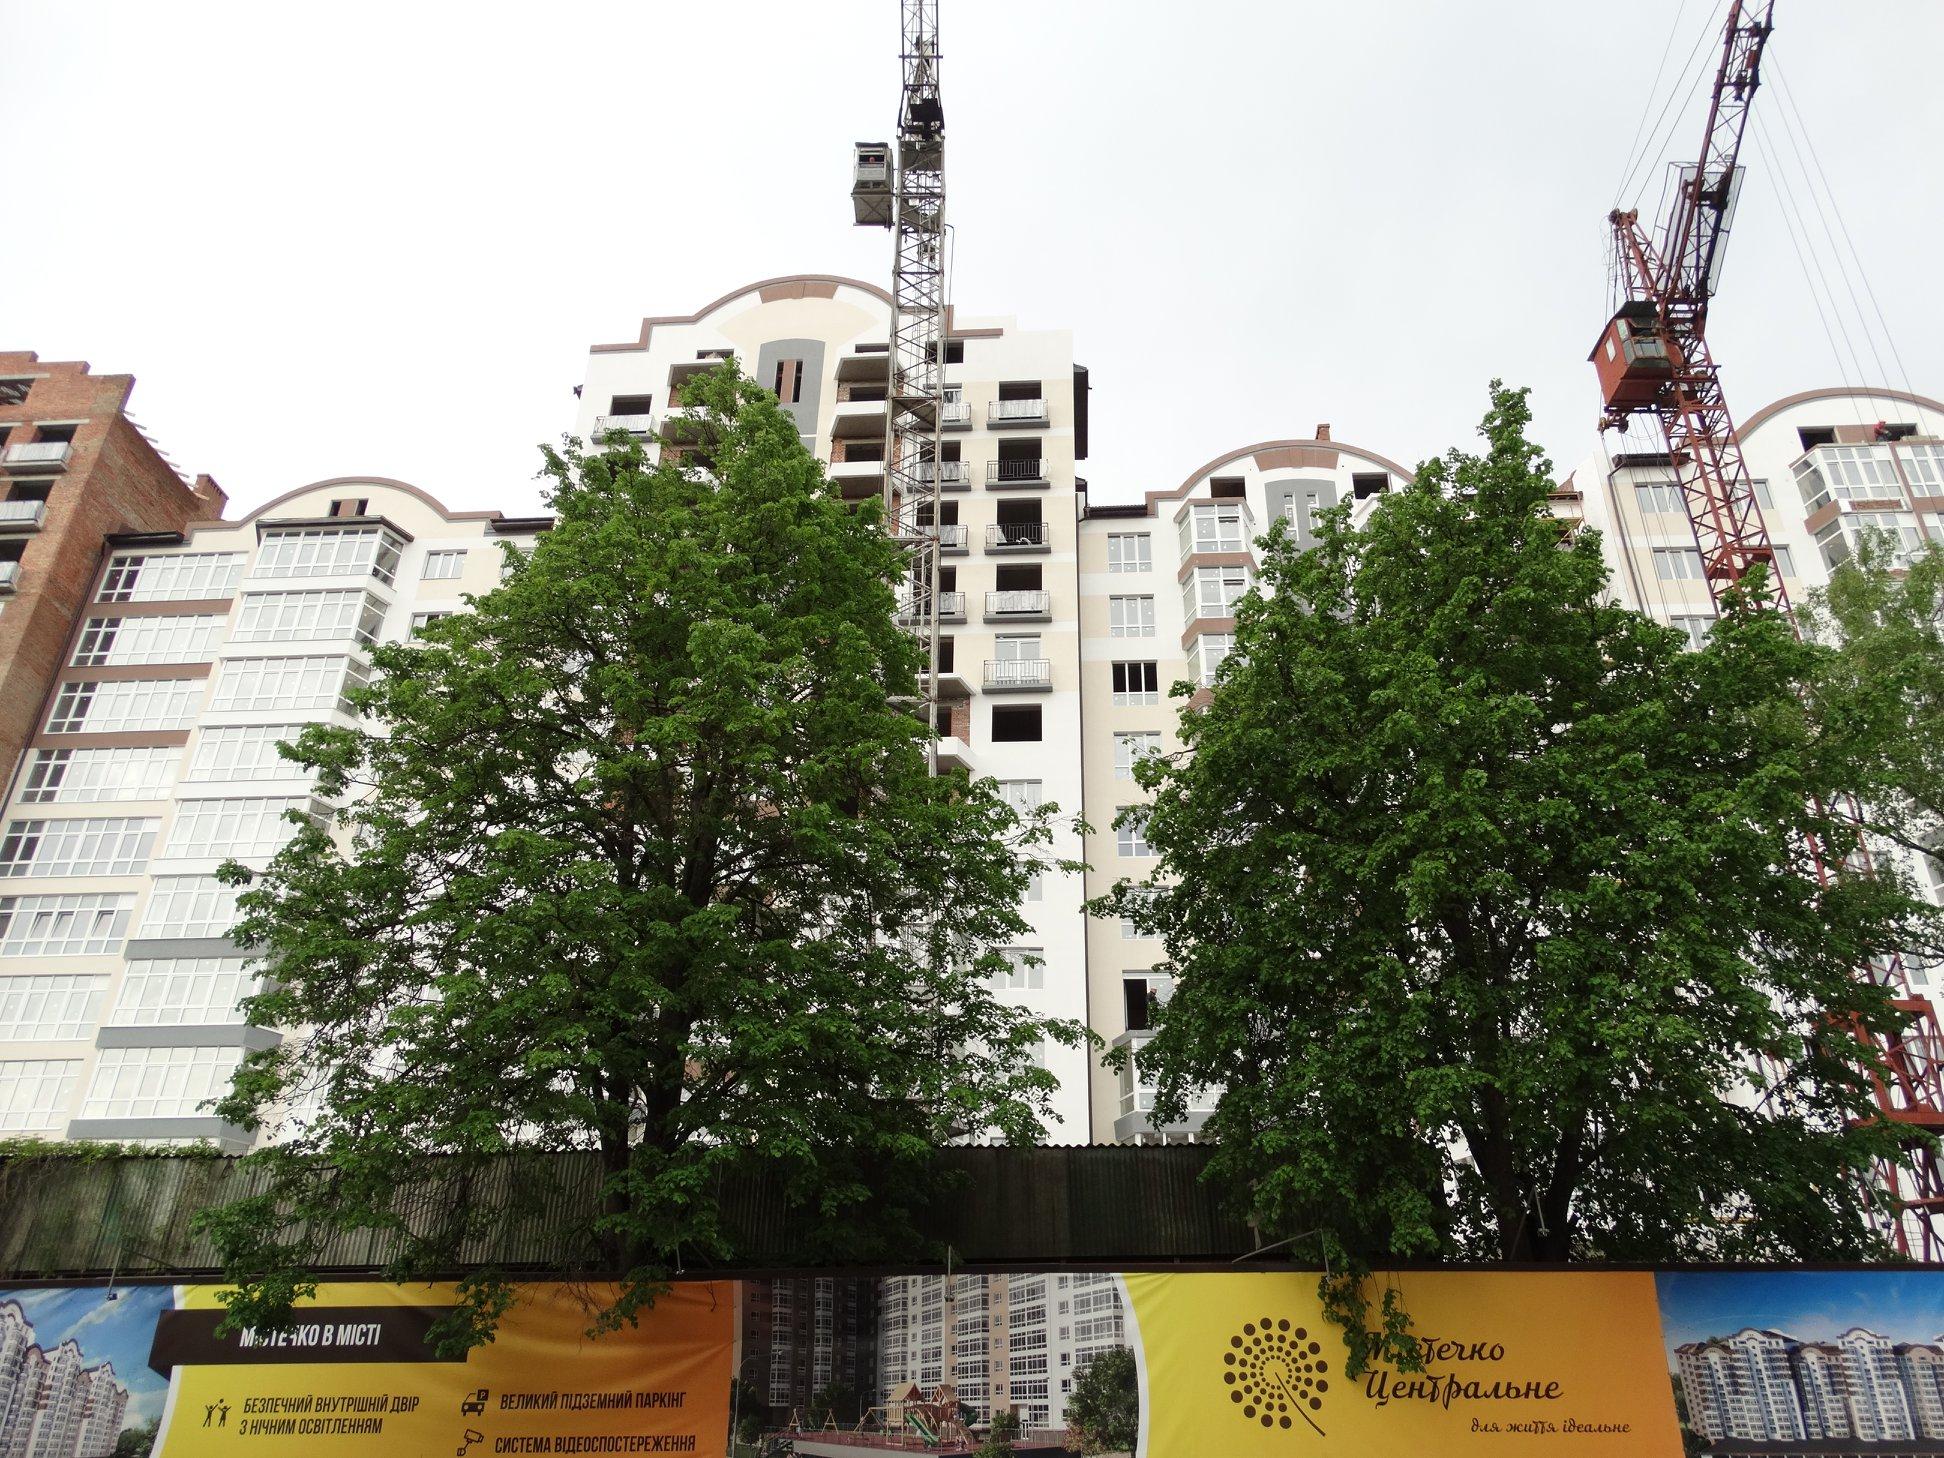 Додаткові фото пропозиції Містечко Центральне